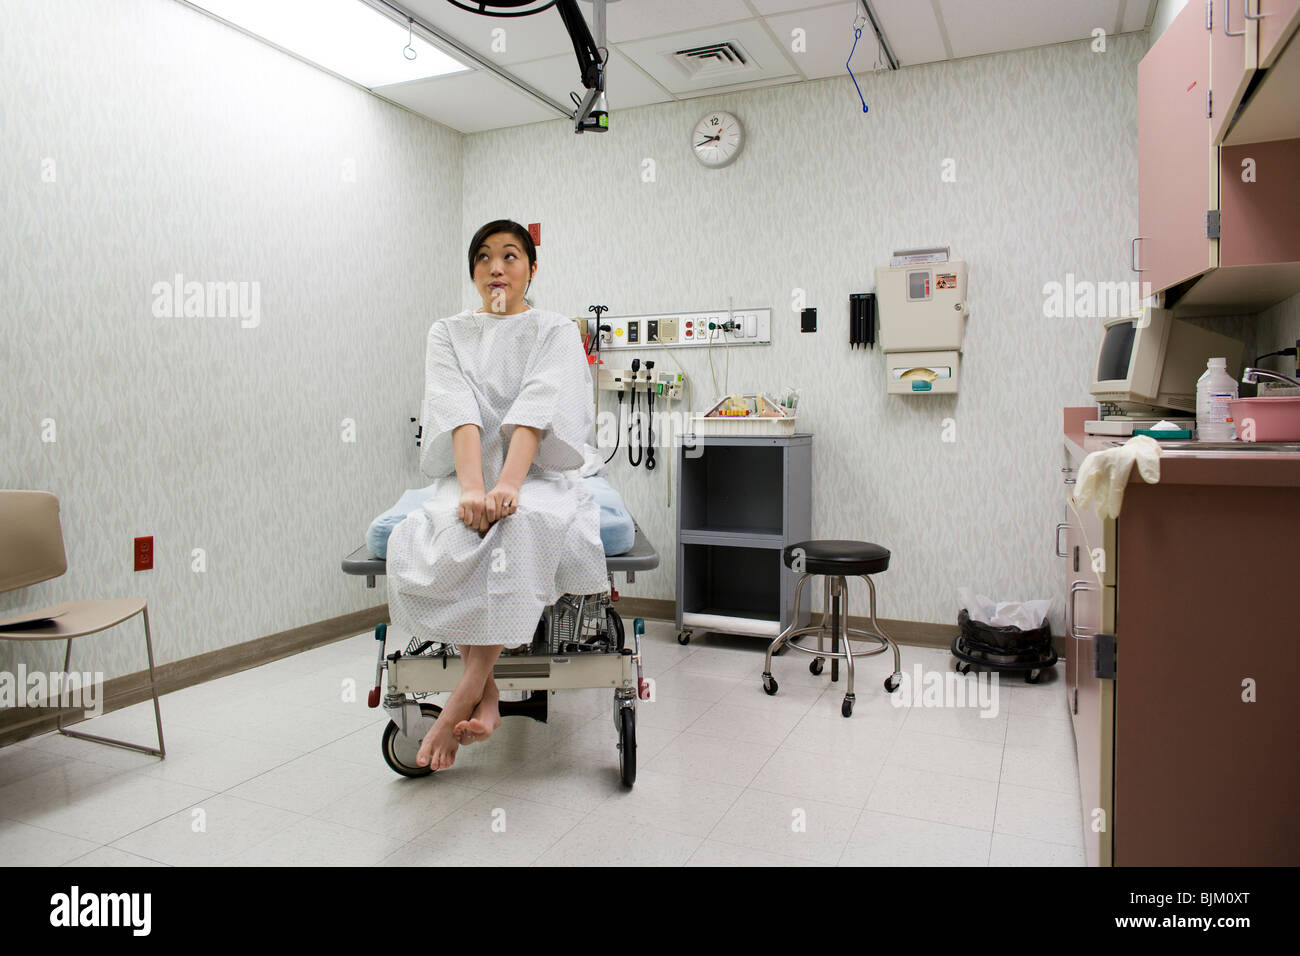 Patientin wartet gespannt bei der Prüfung der Zimmer Stockbild